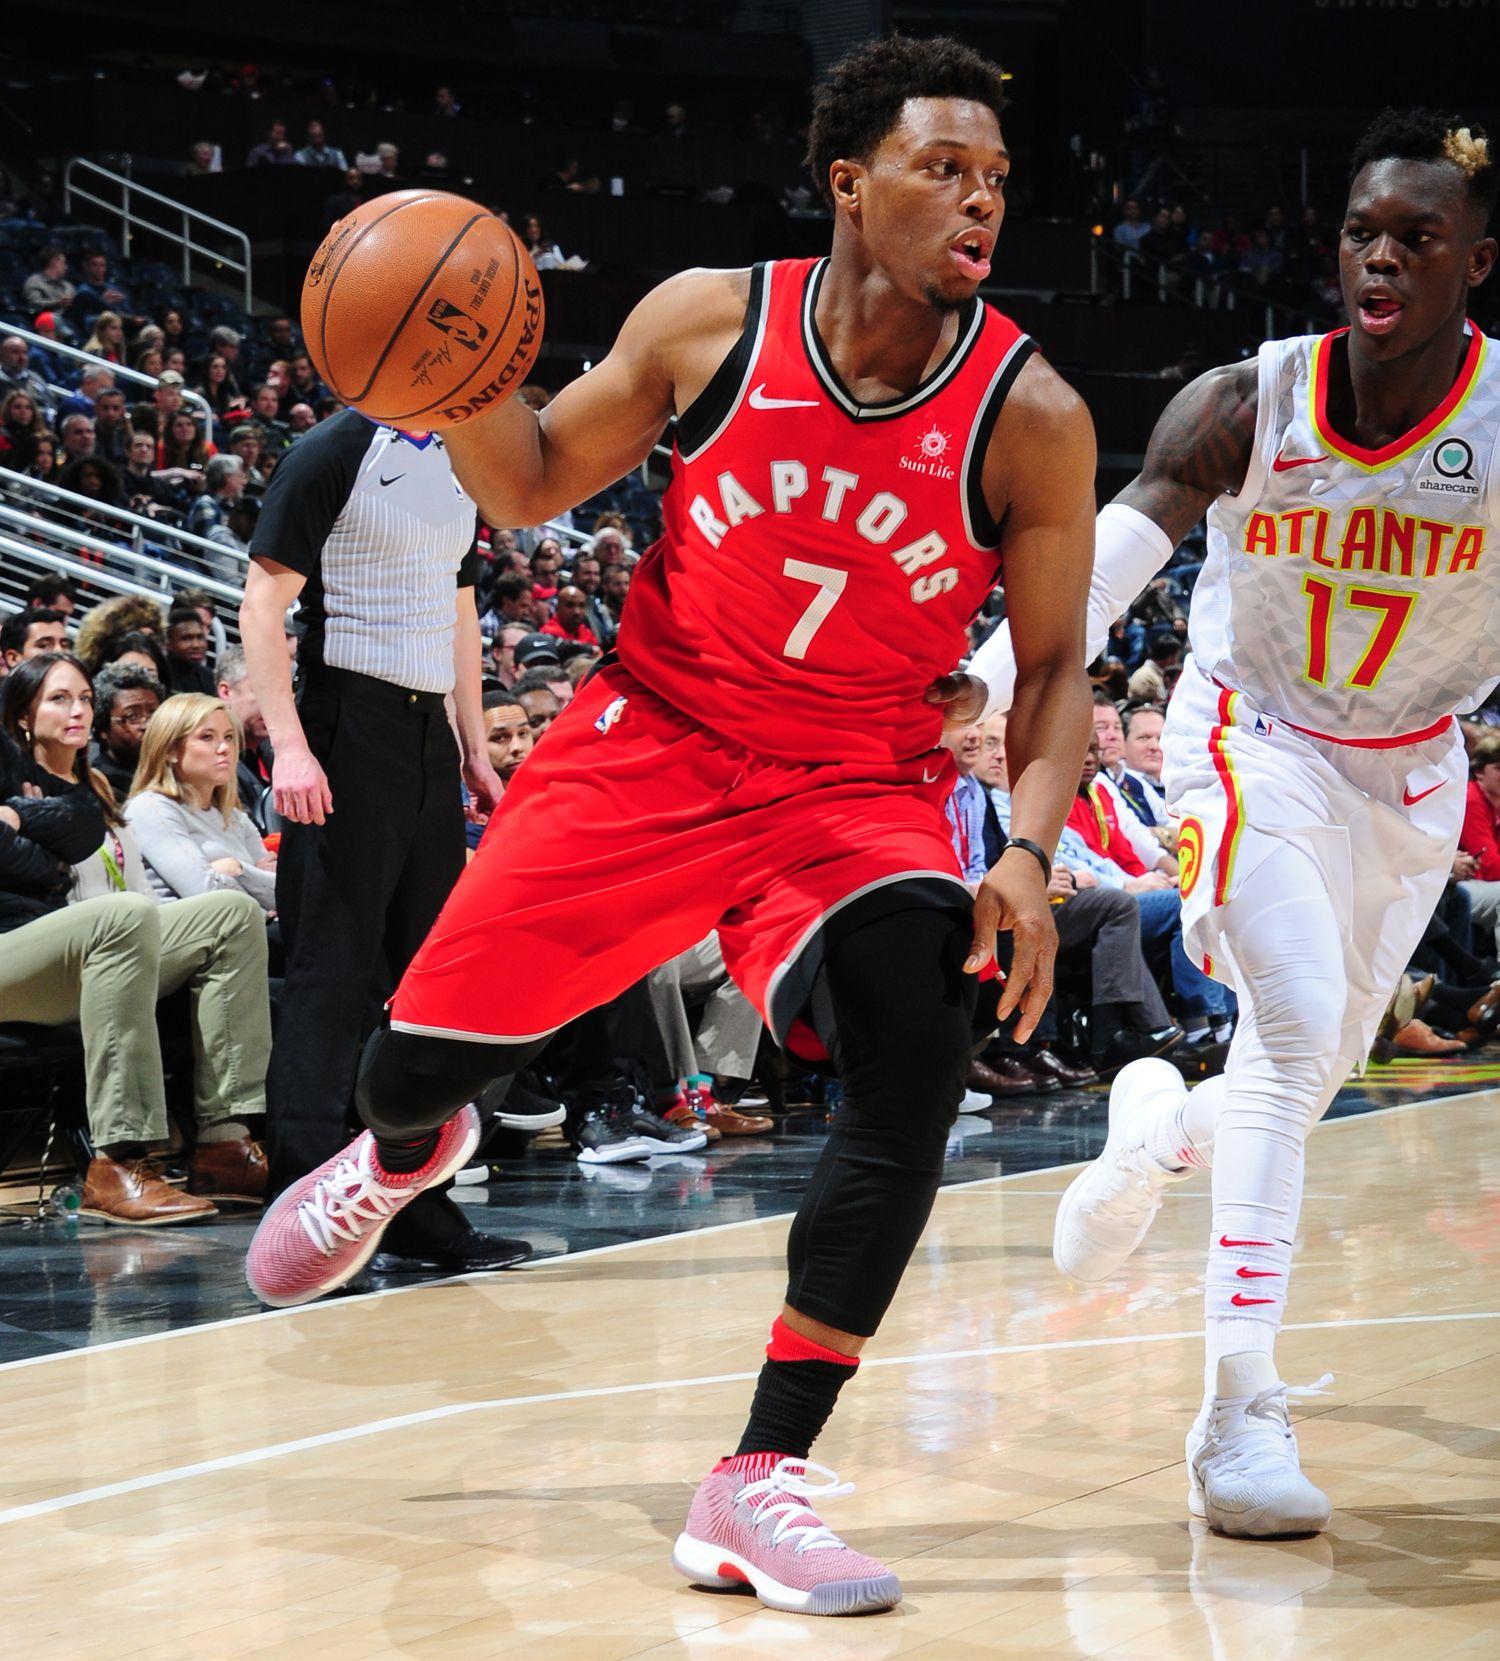 NBA Kicks of the Night Nba players, Nba basketball, Nba